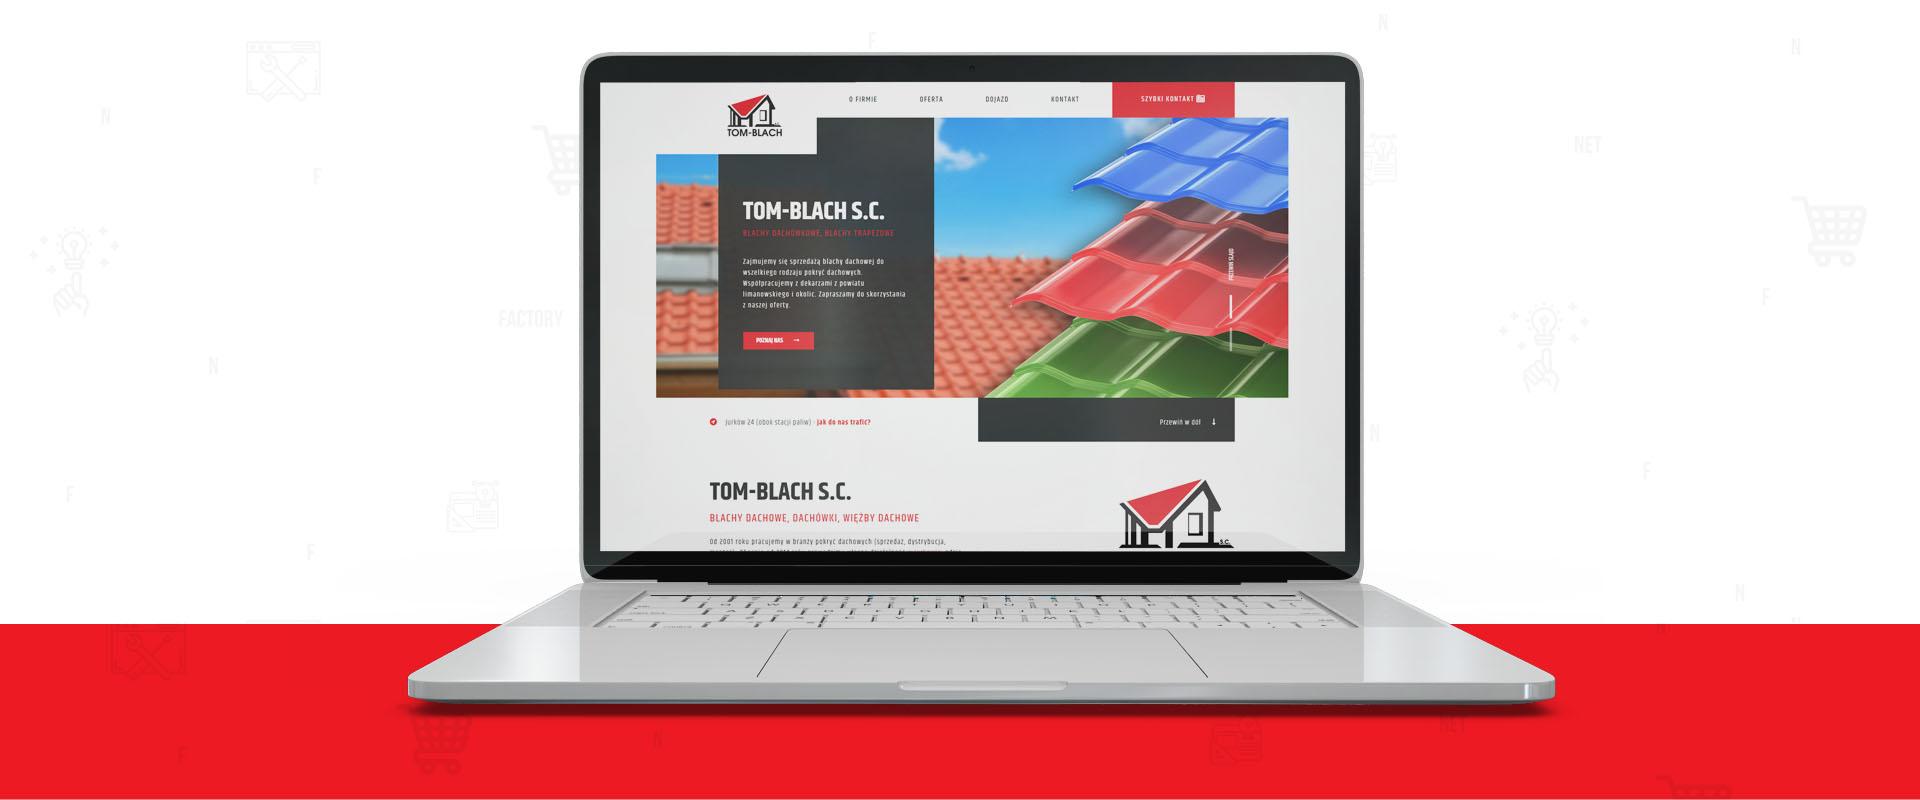 Responsywna strona internetowa dla firmy TOM-BLACH